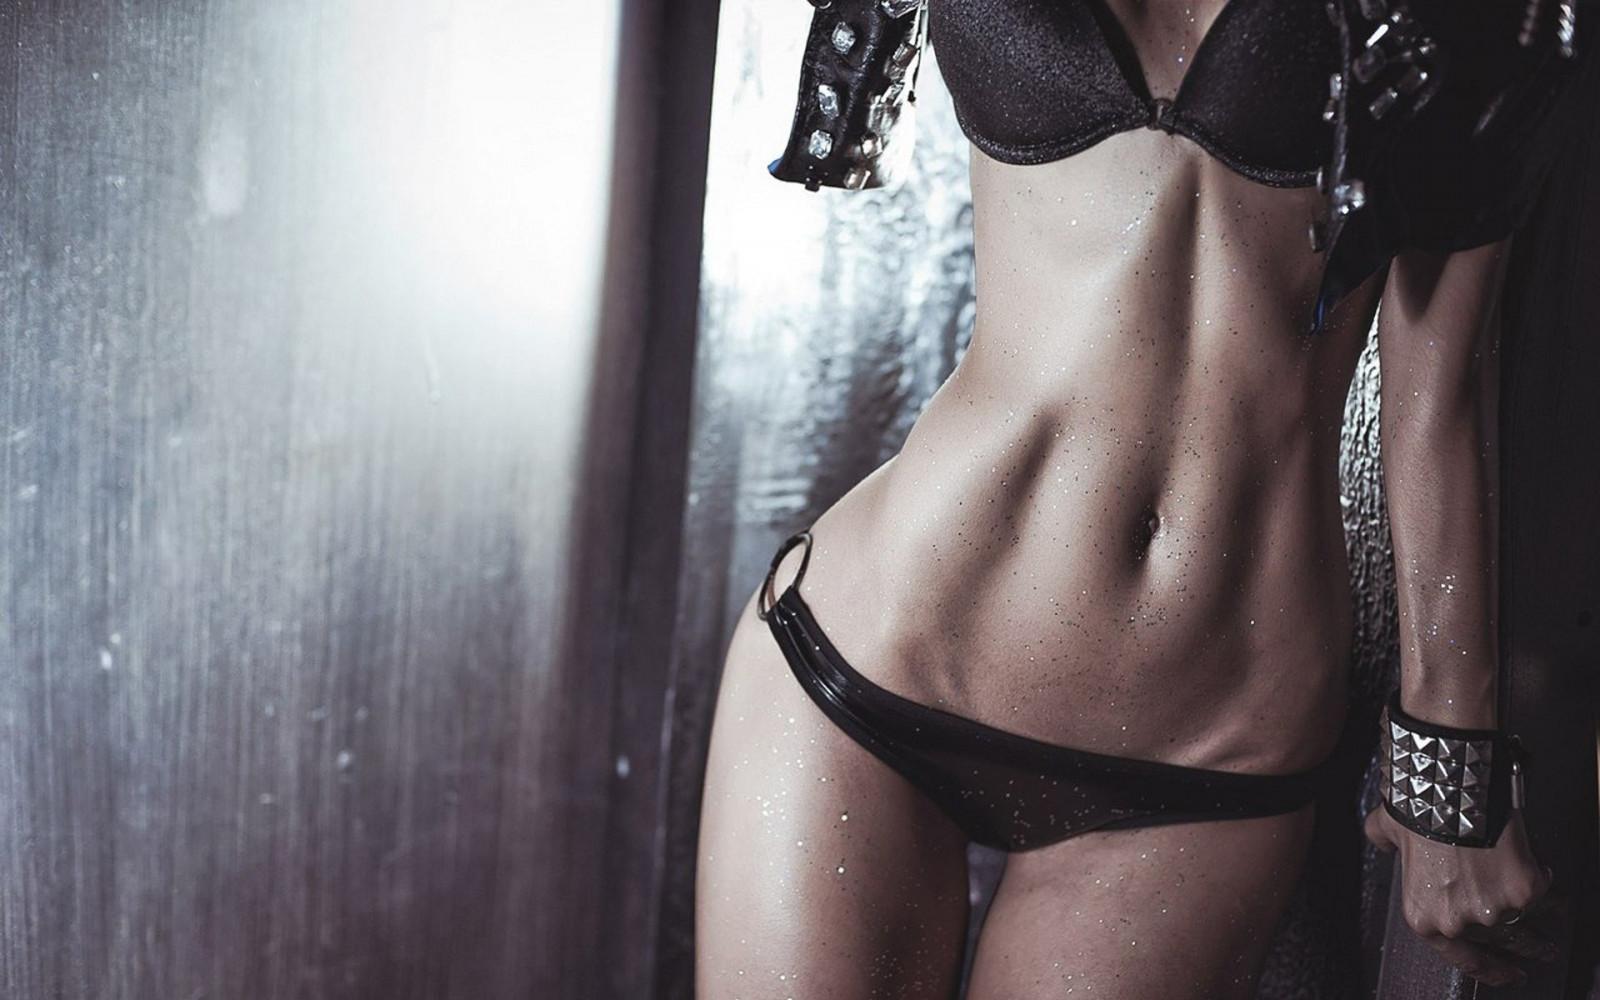 девушка среднего телосложения в топике и трусиках - 3